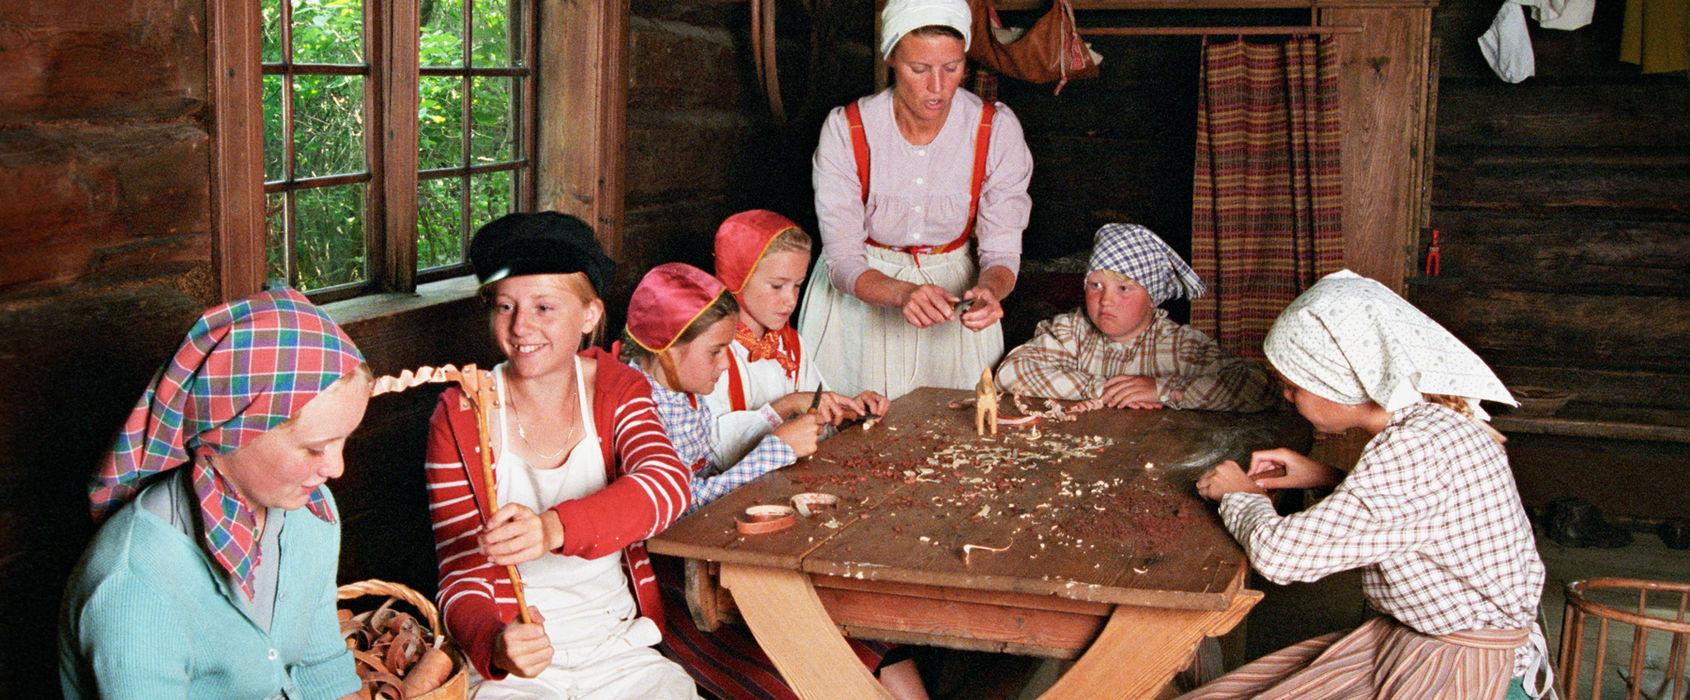 Barnaktiviteter i Back Mats stuga, Skansen